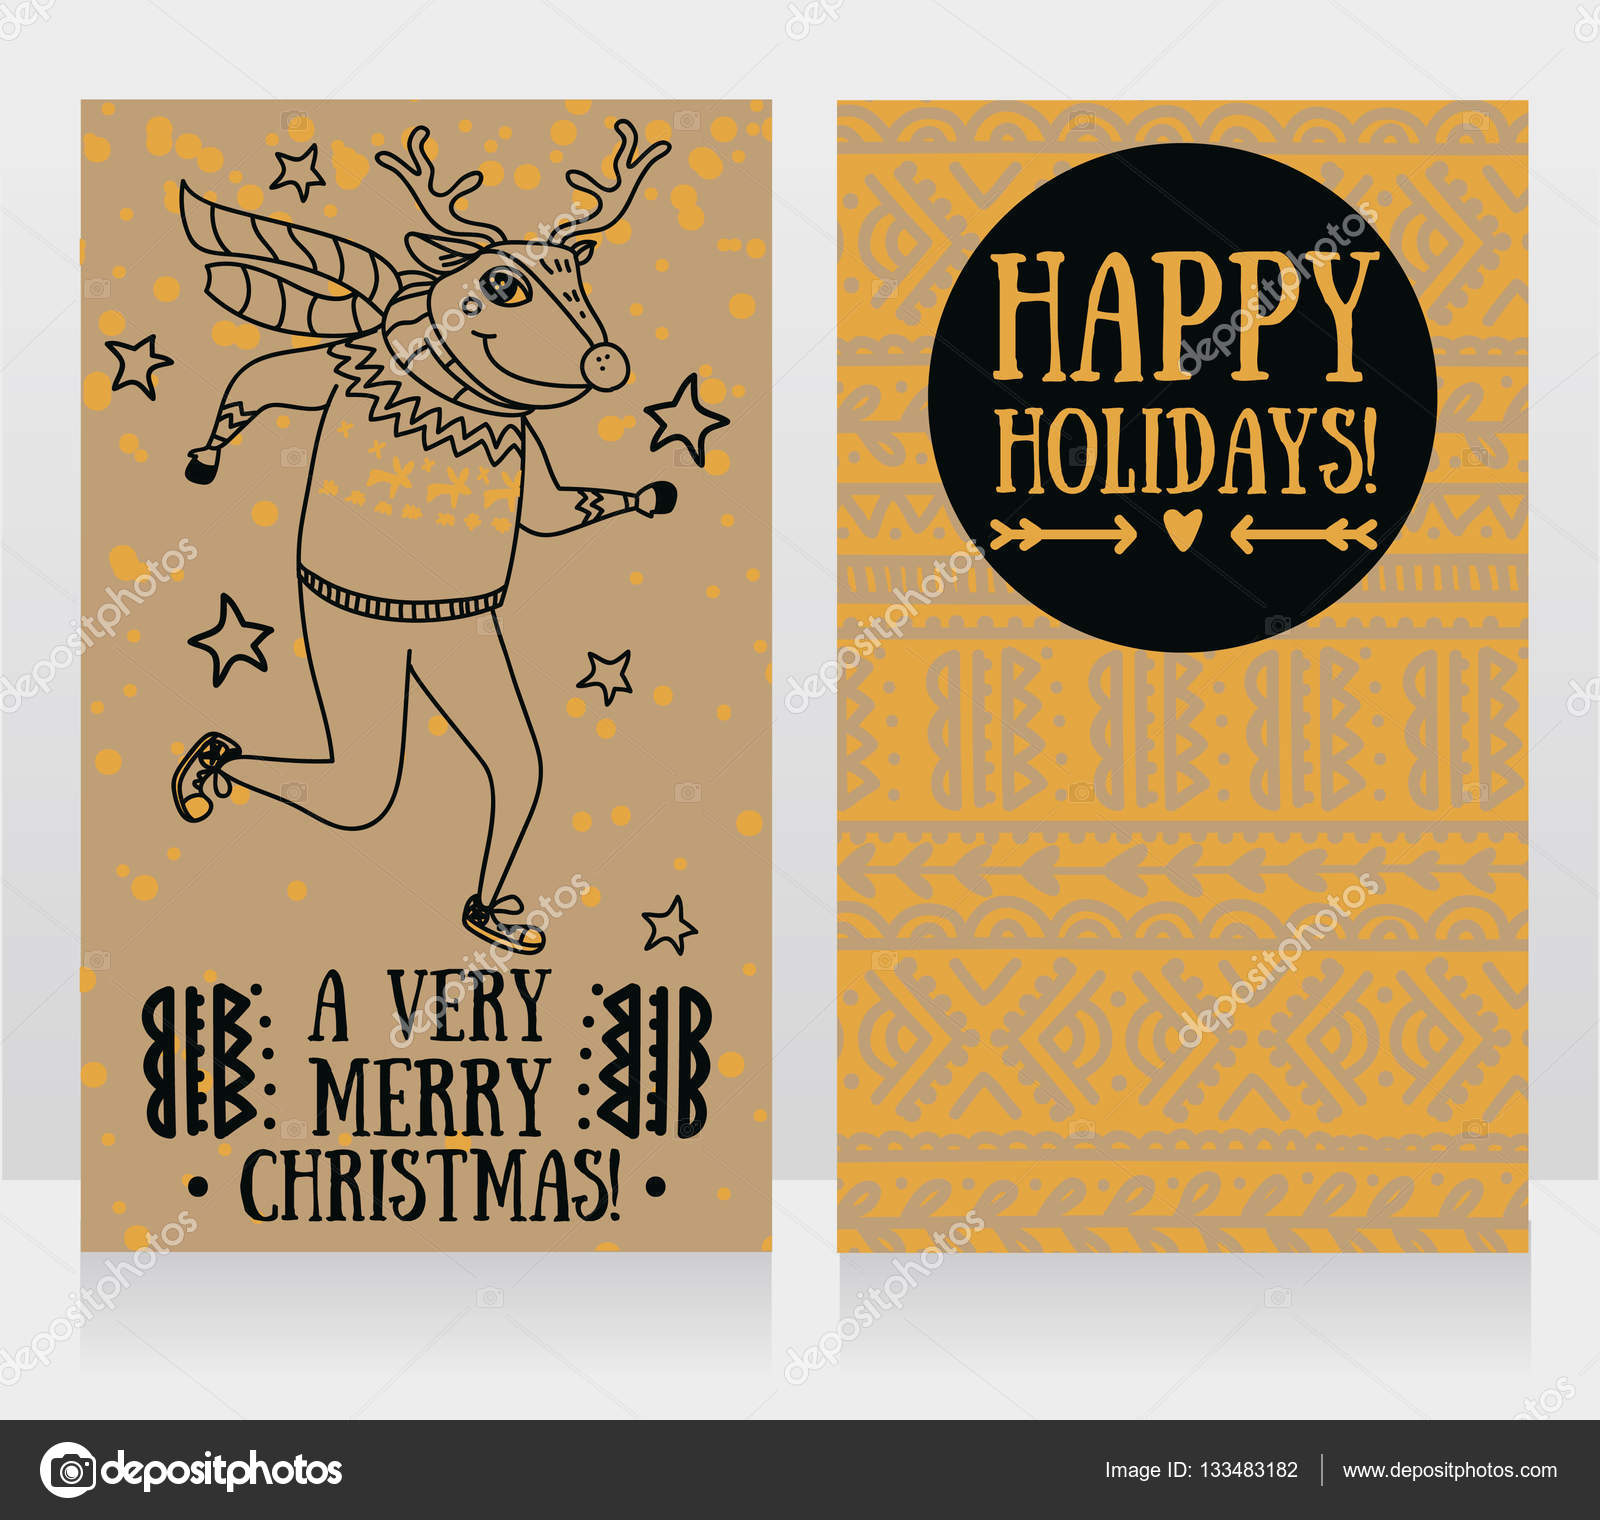 Weihnachtsfeier Lustig.Zwei Niedliche Karten Für Weihnachtsfeier Mit Doodle Lustig Hirsch